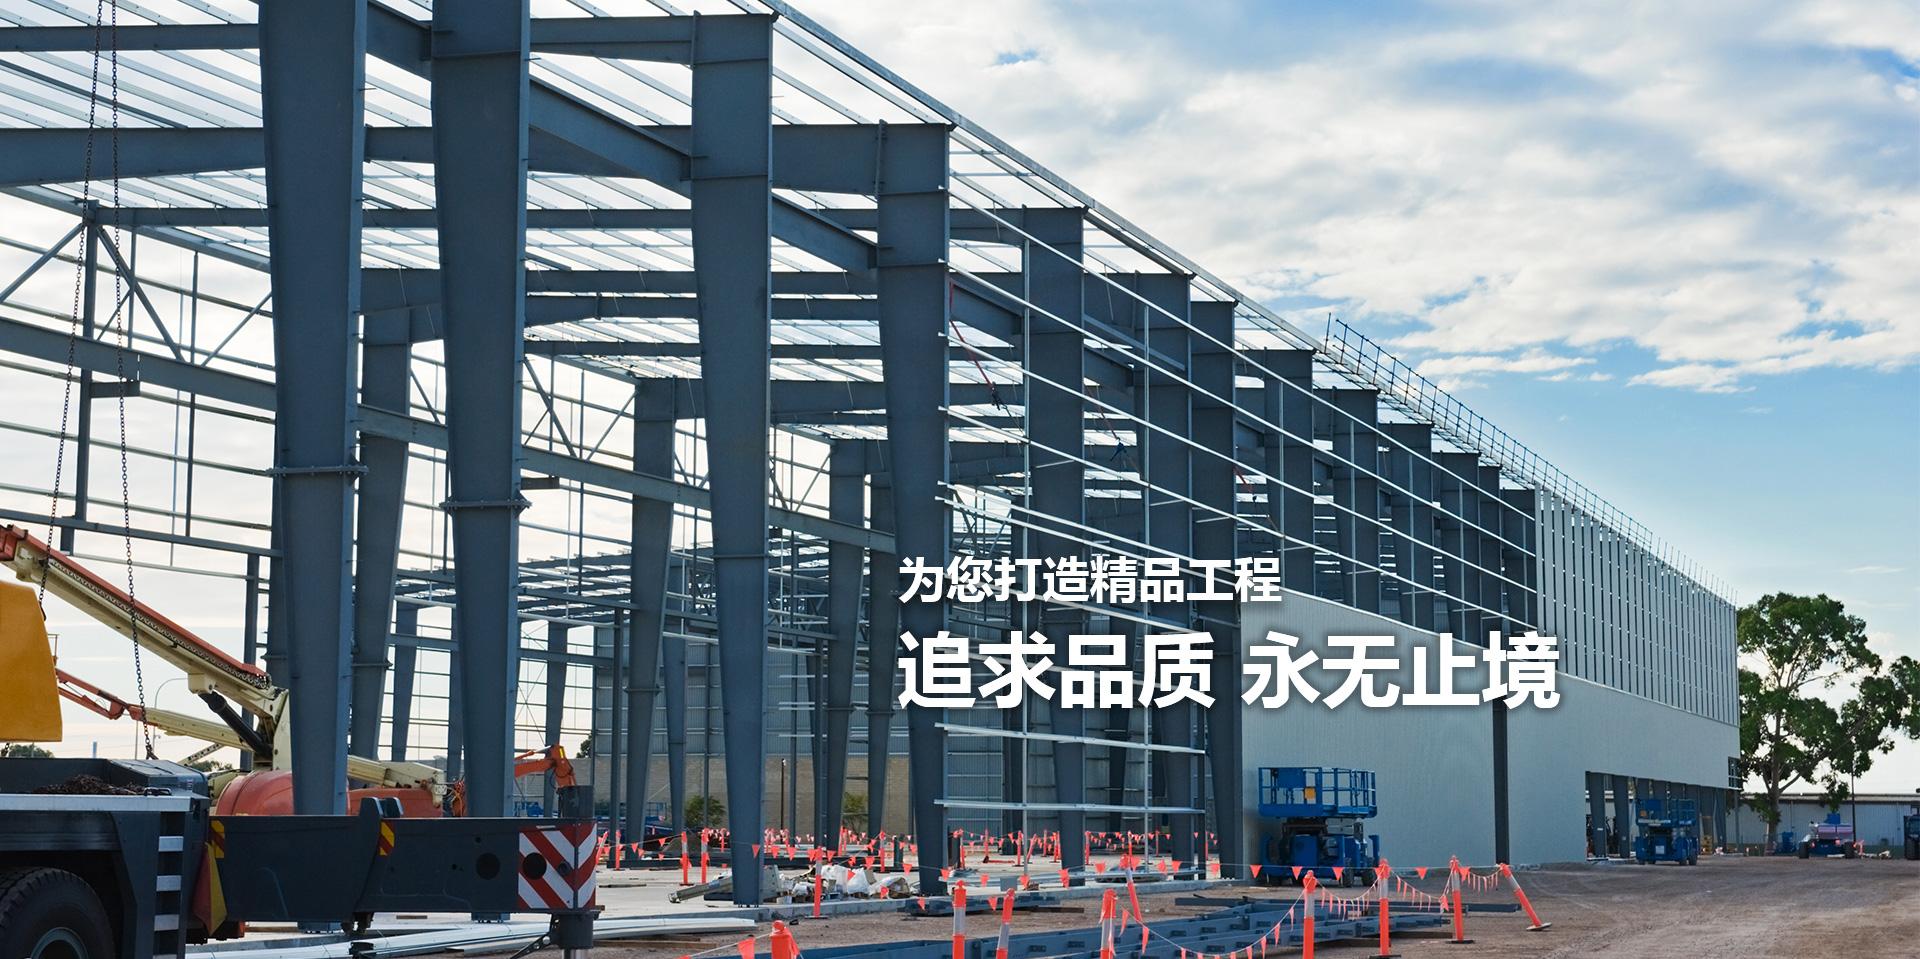 彩钢拱形屋顶,彩钢钢结构工程